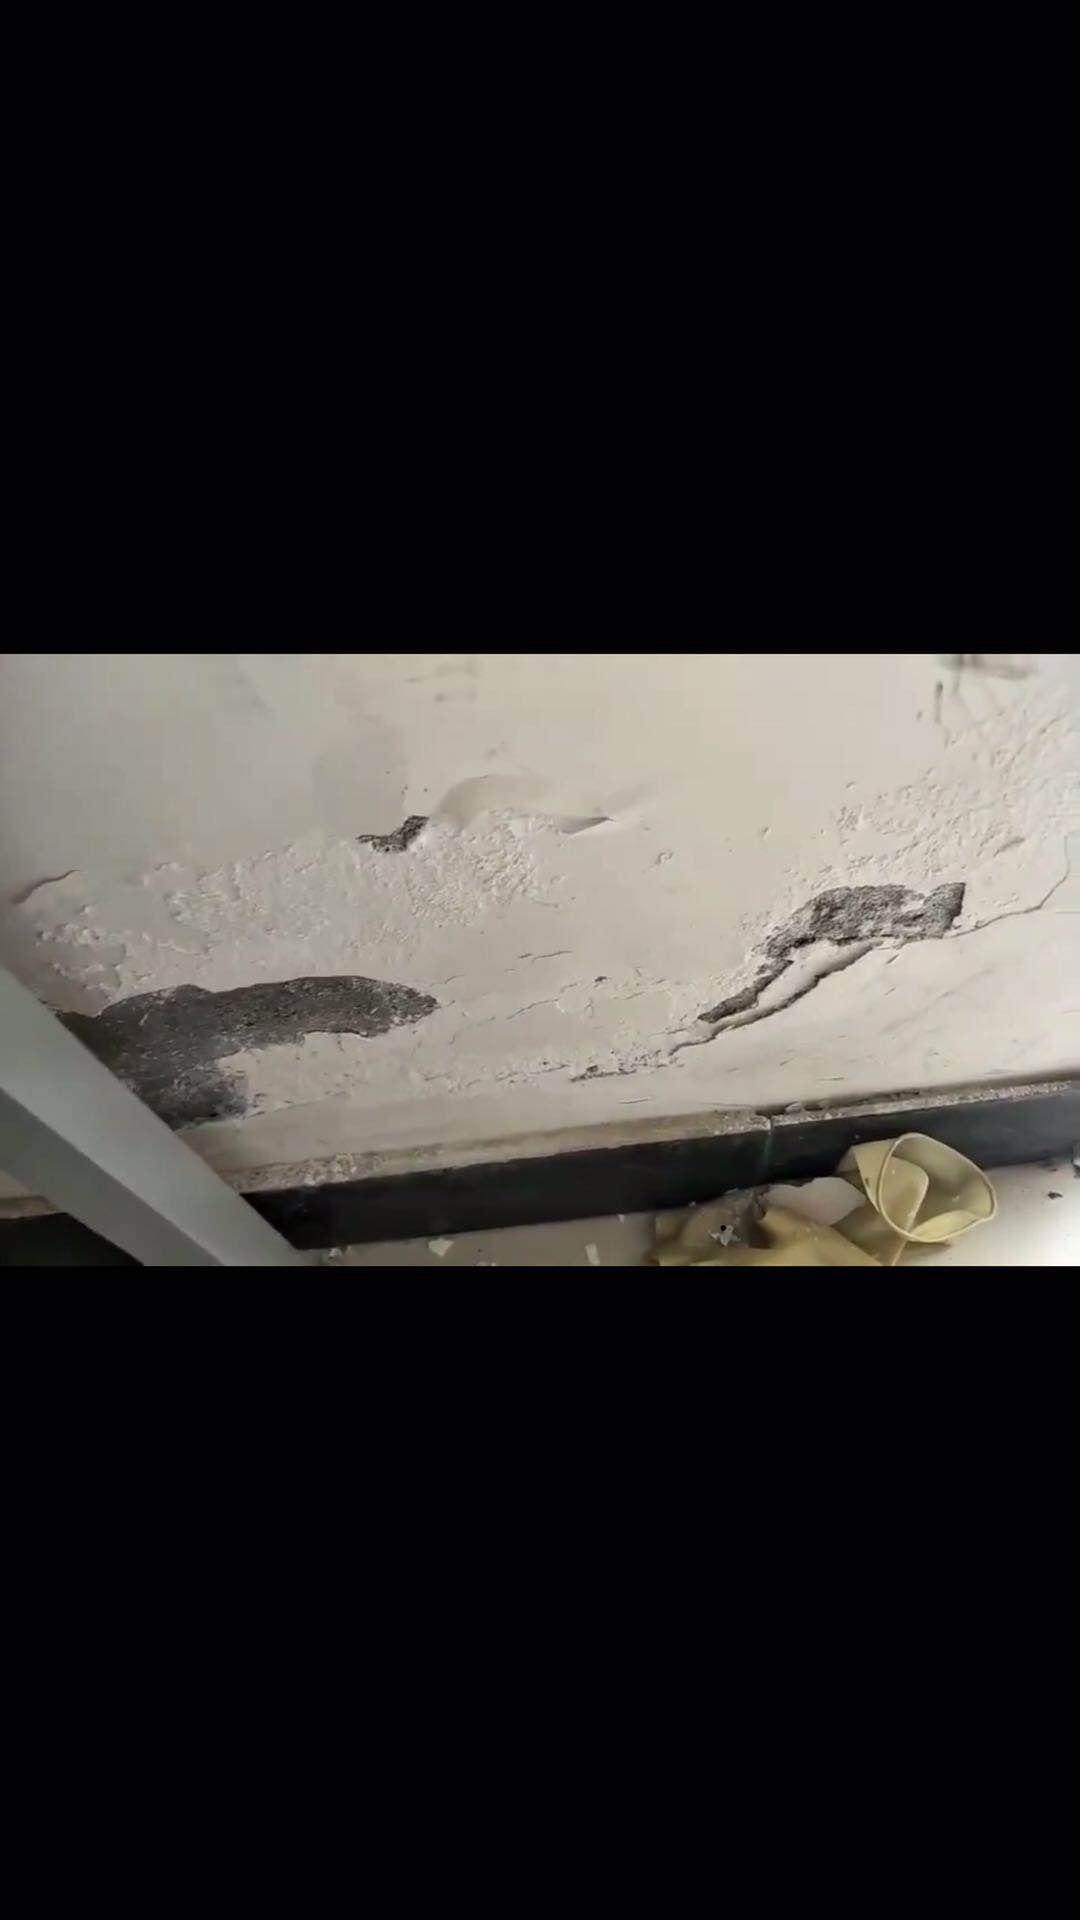 金坛区卫生间漏水维修不敲砖材料厂家,维修不敲砖材料厂家